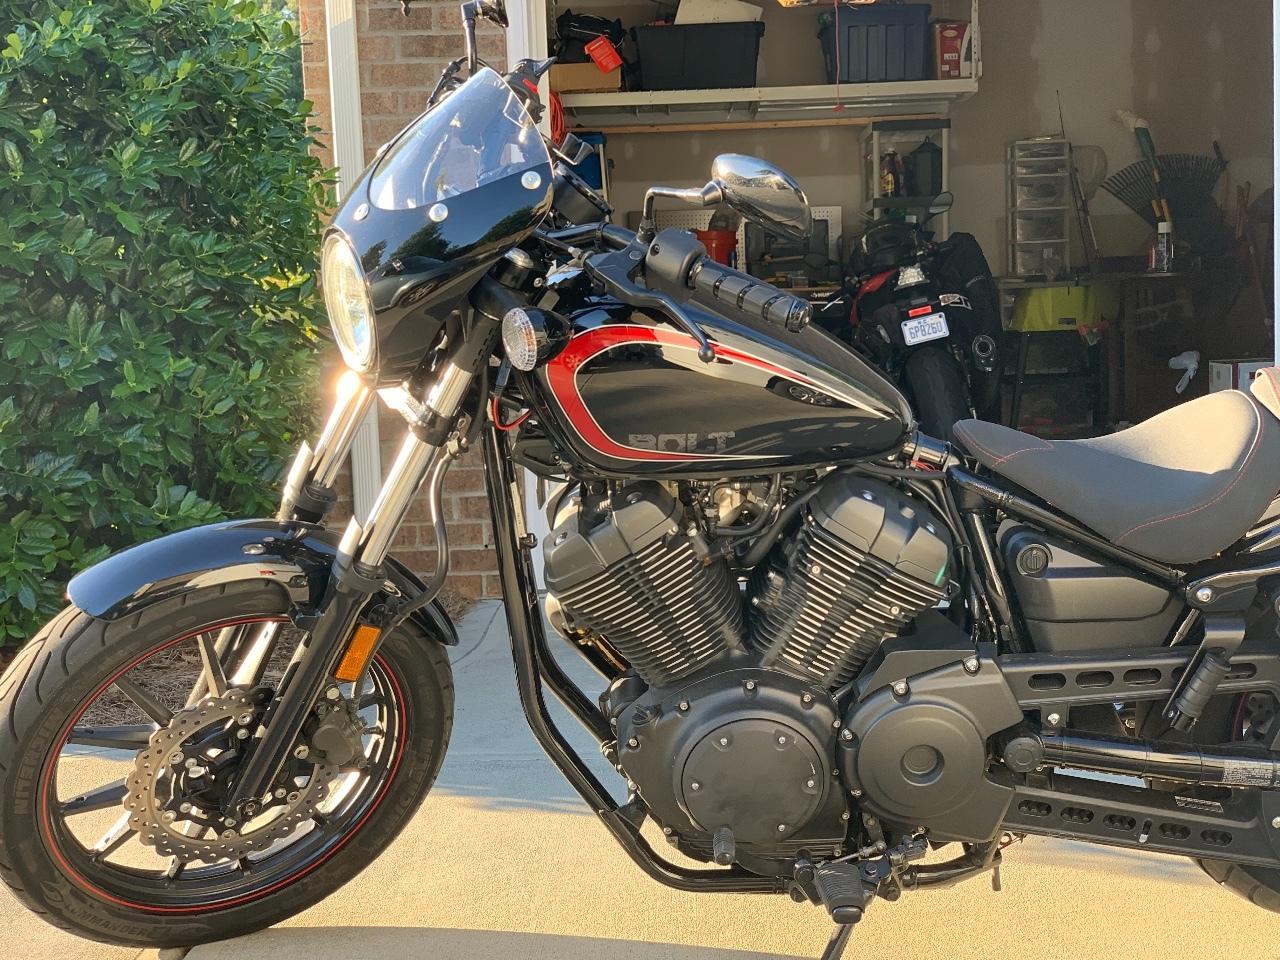 North Carolina - Yamaha For Sale - Yamaha Motorcycles - Cycle Trader